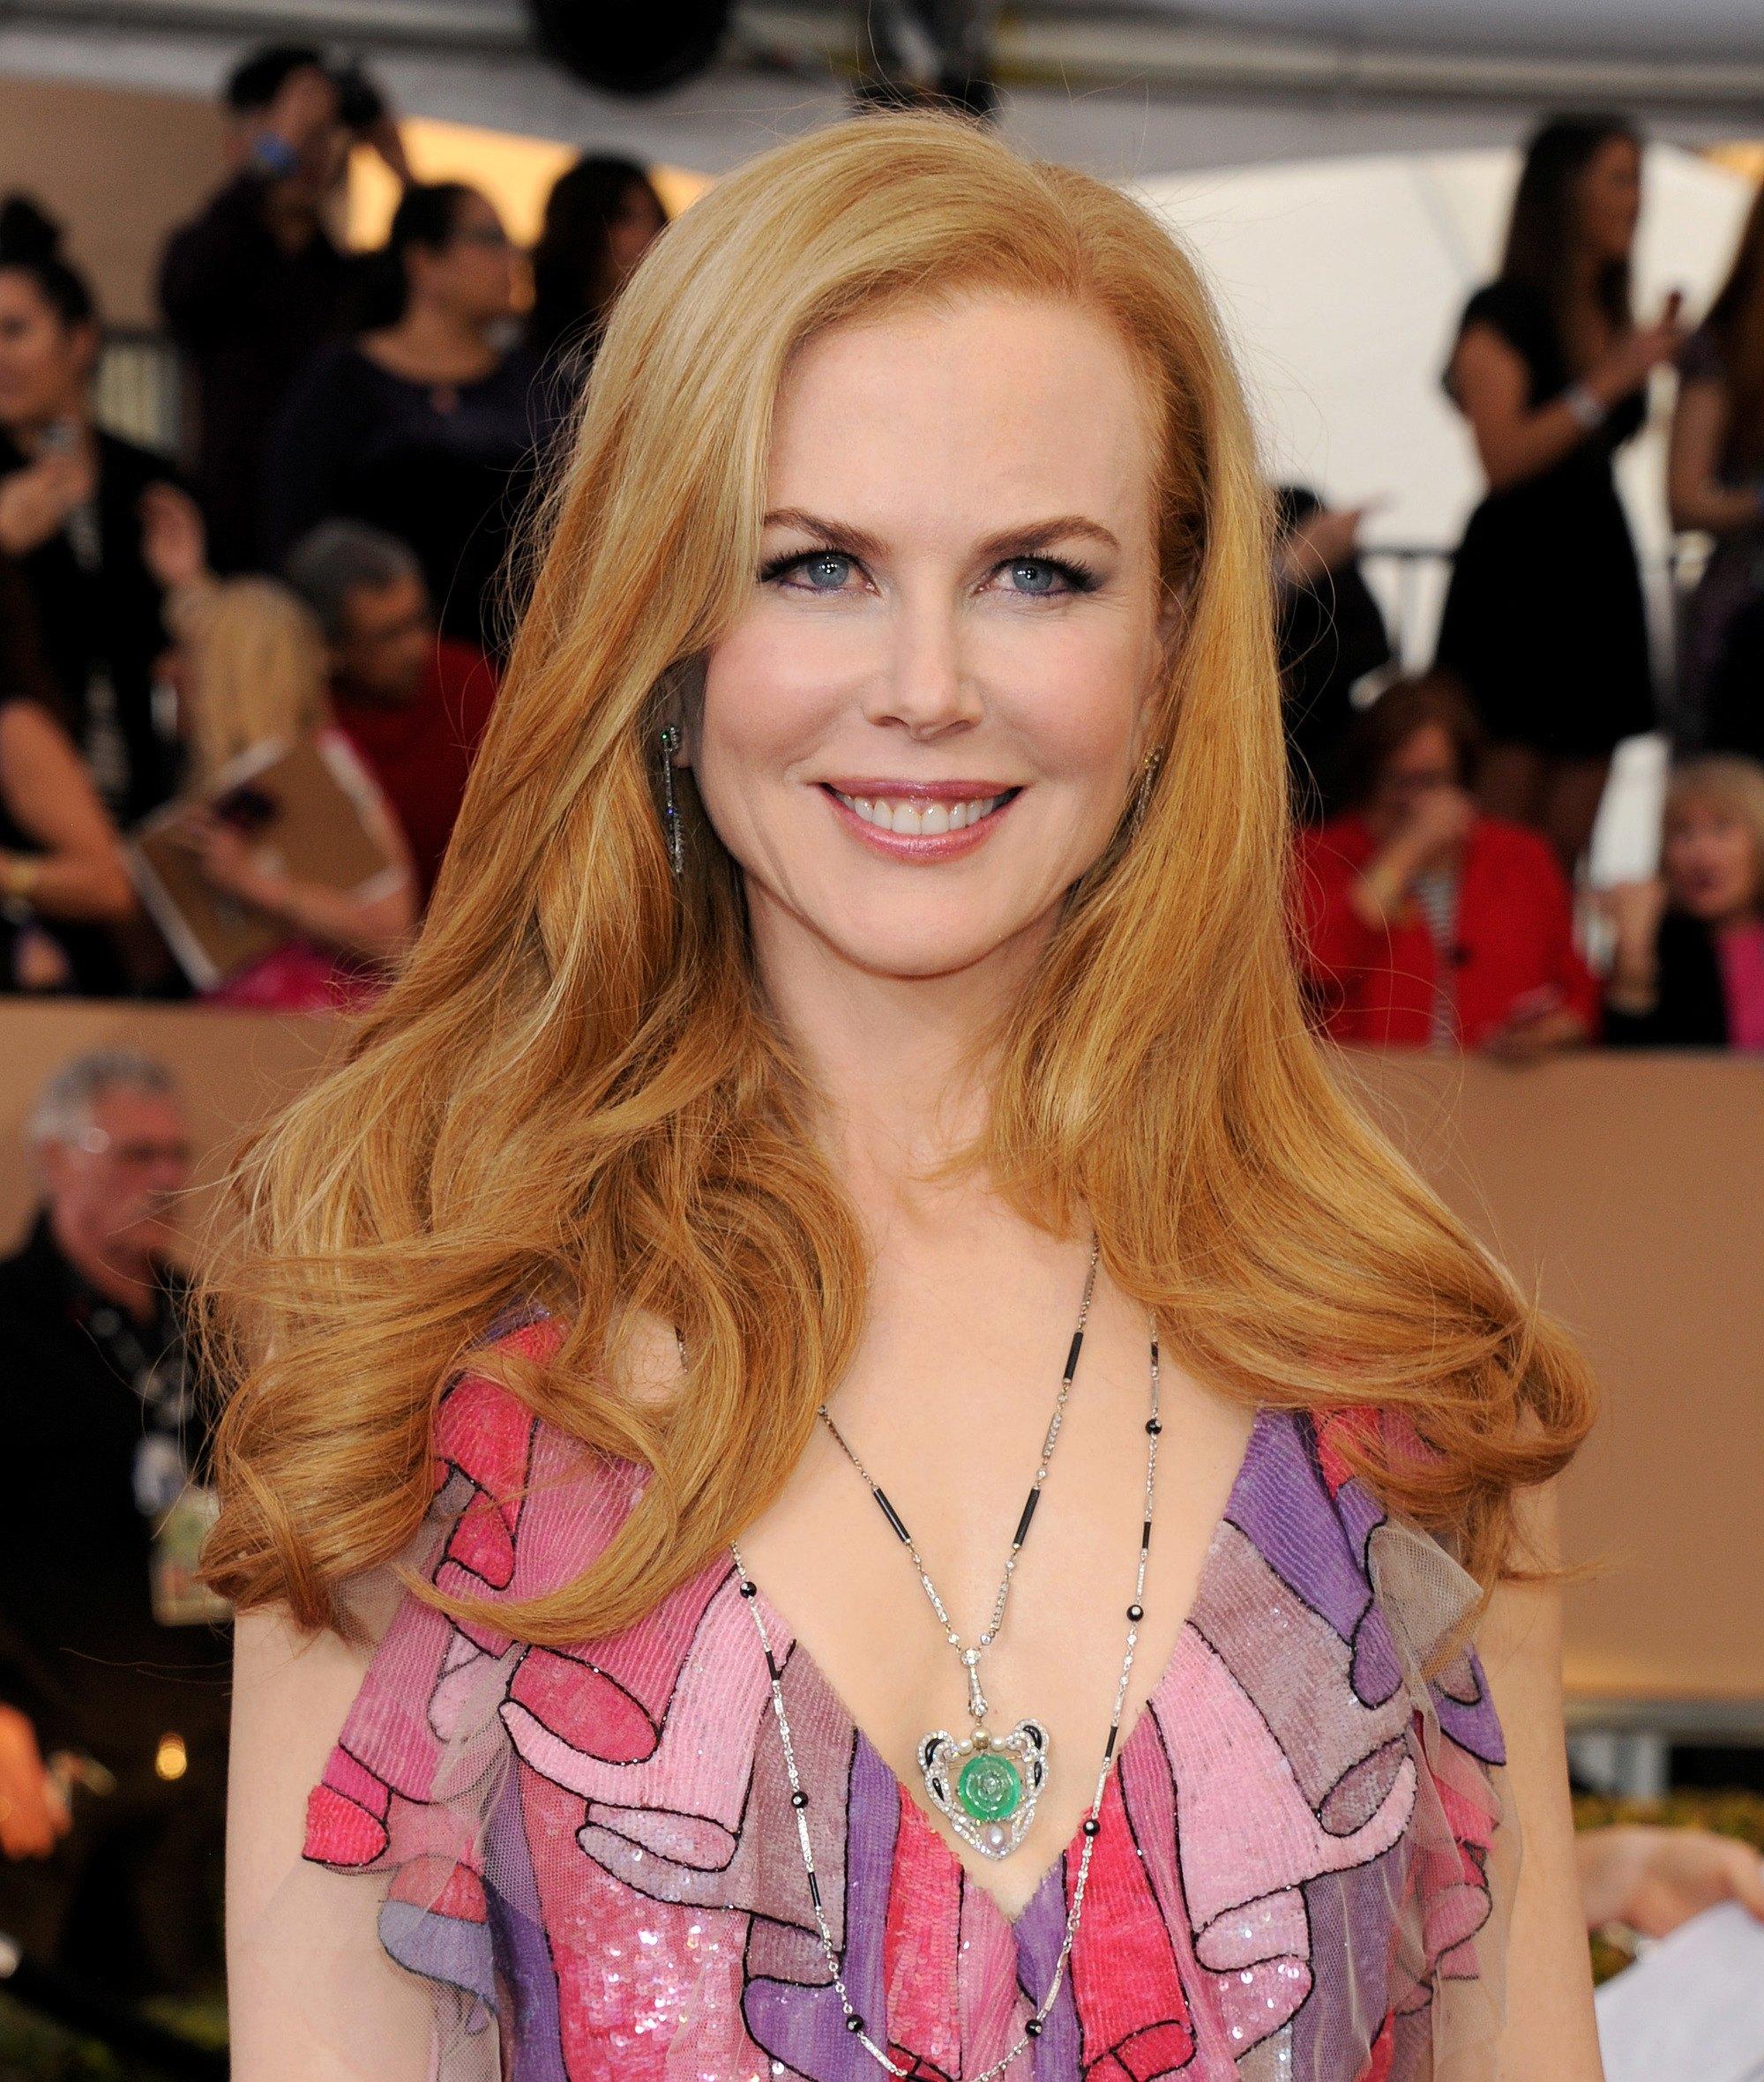 Nicole Kidman avec des cheveux longs blonds fraise et des boucles